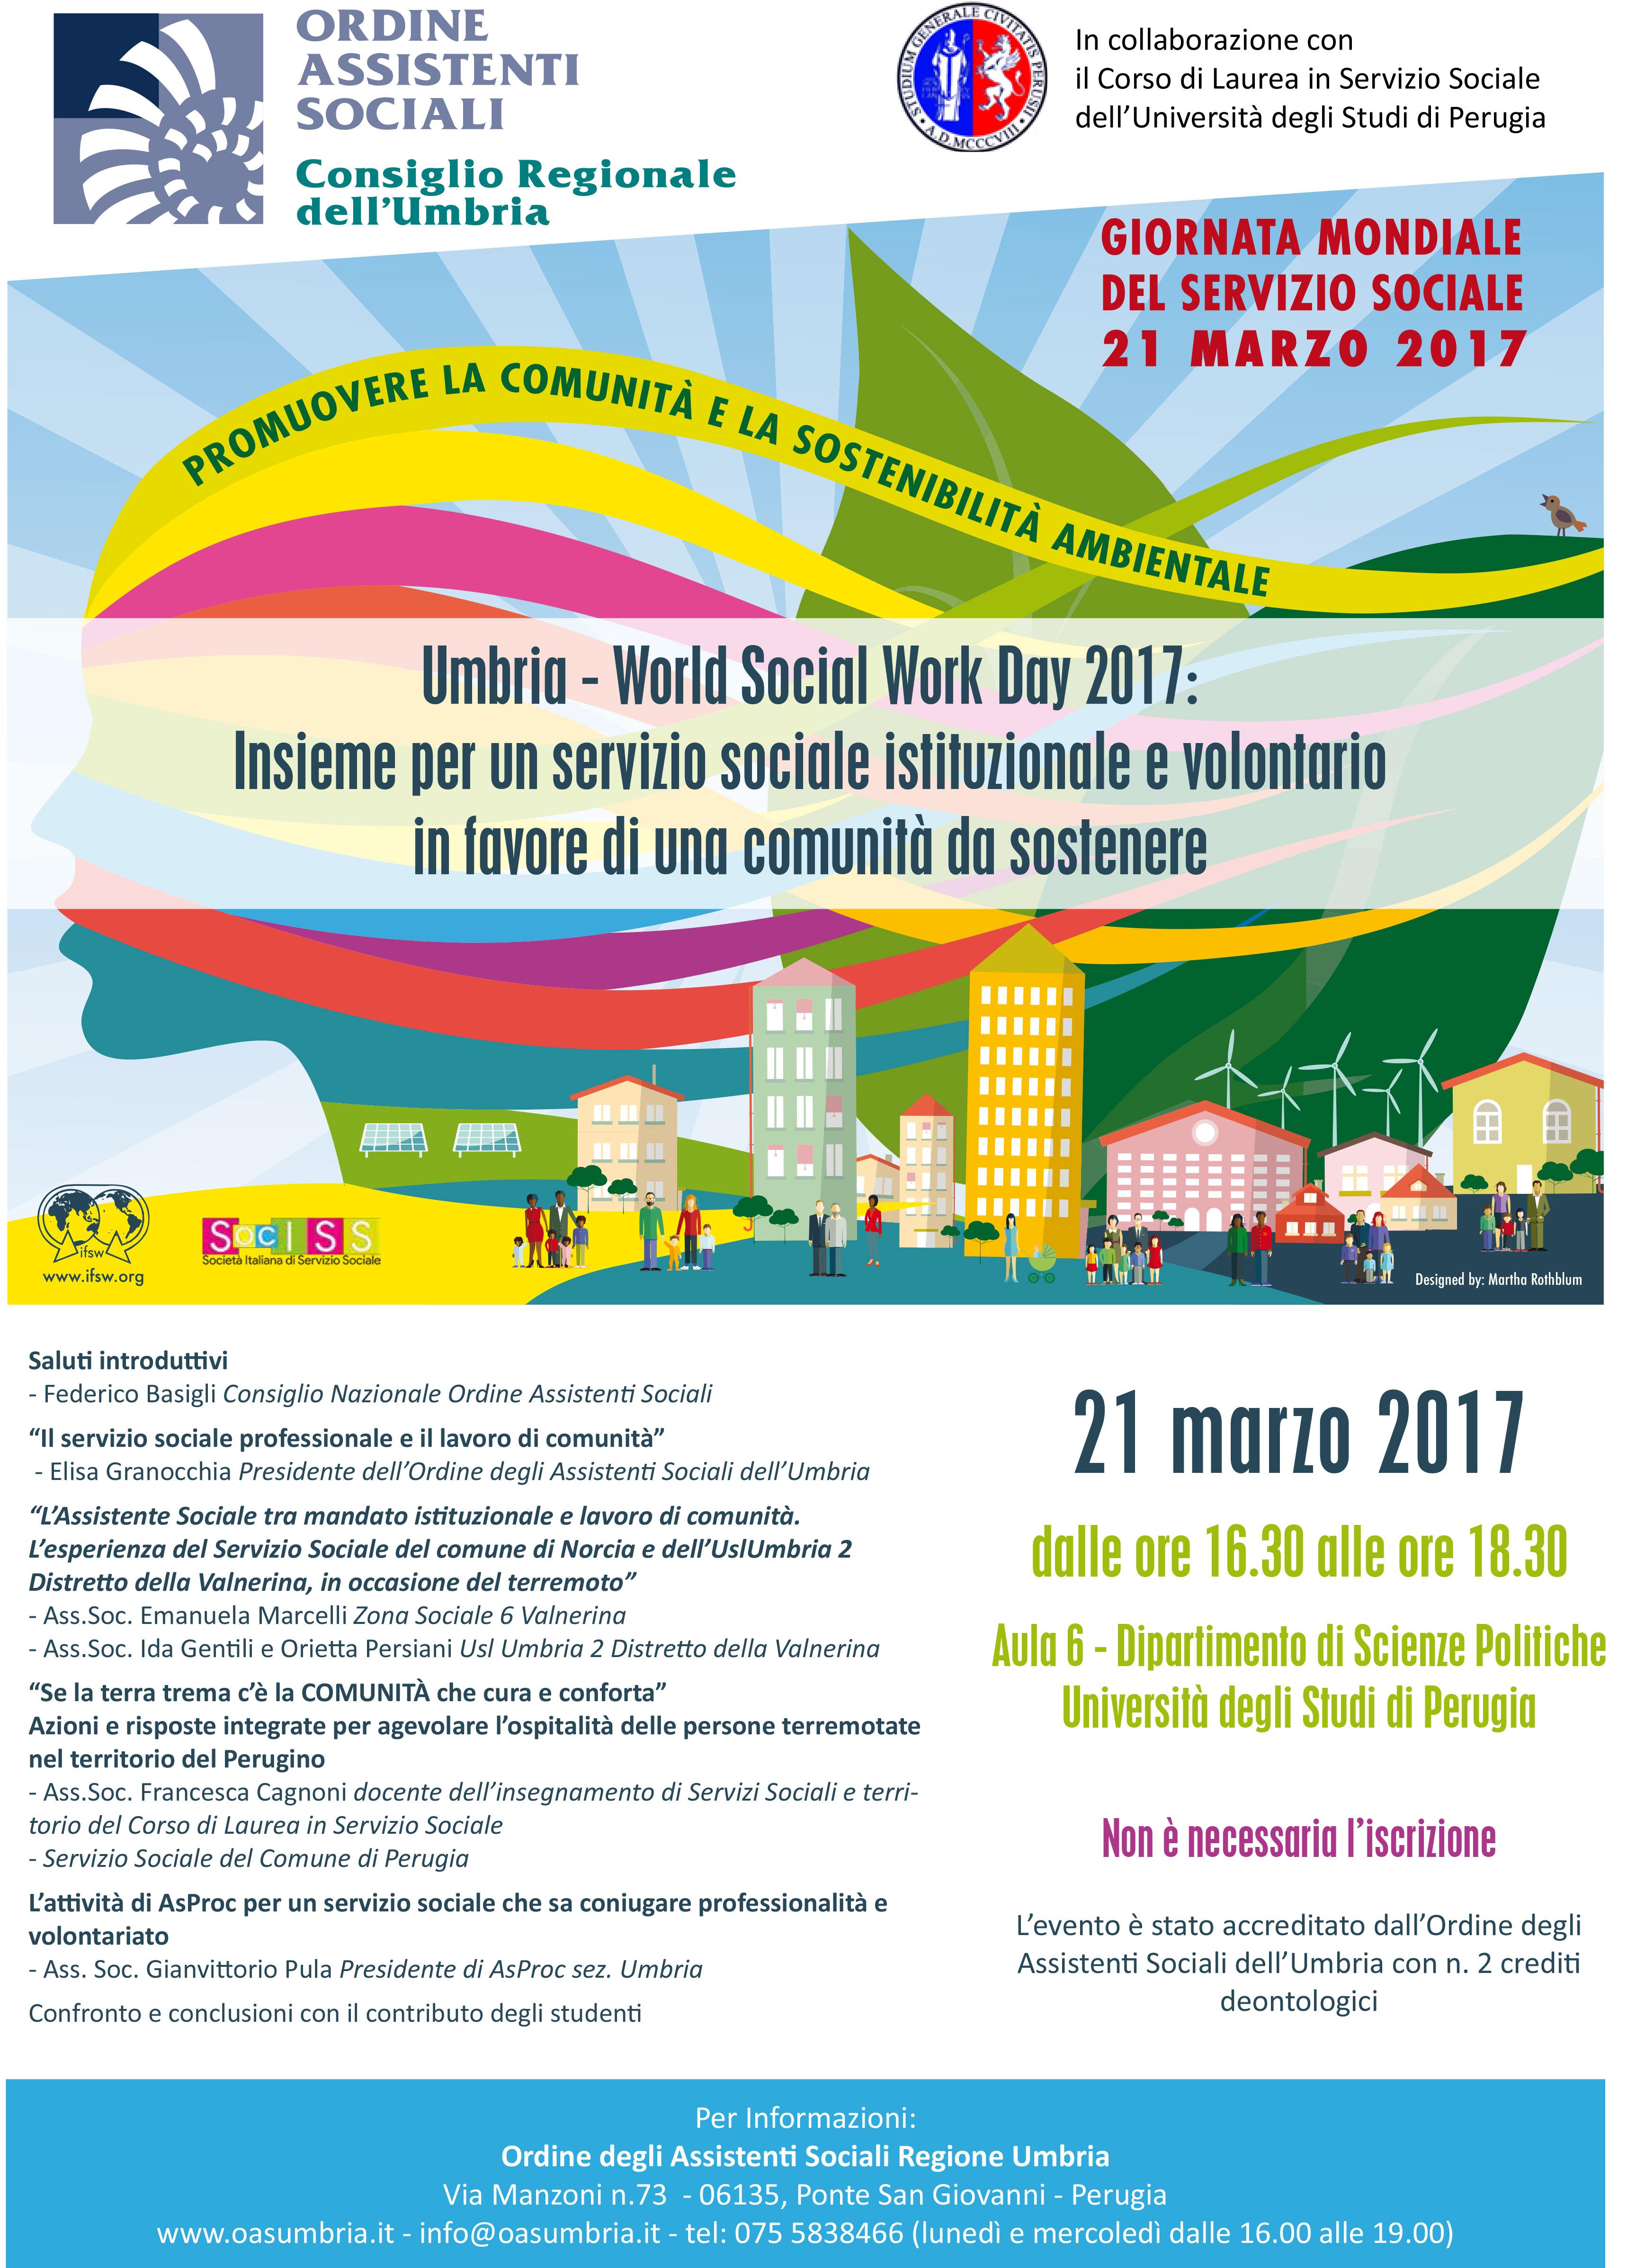 Giornata Mondiale del Servizio Sociale, il 21 e il 22 marzo